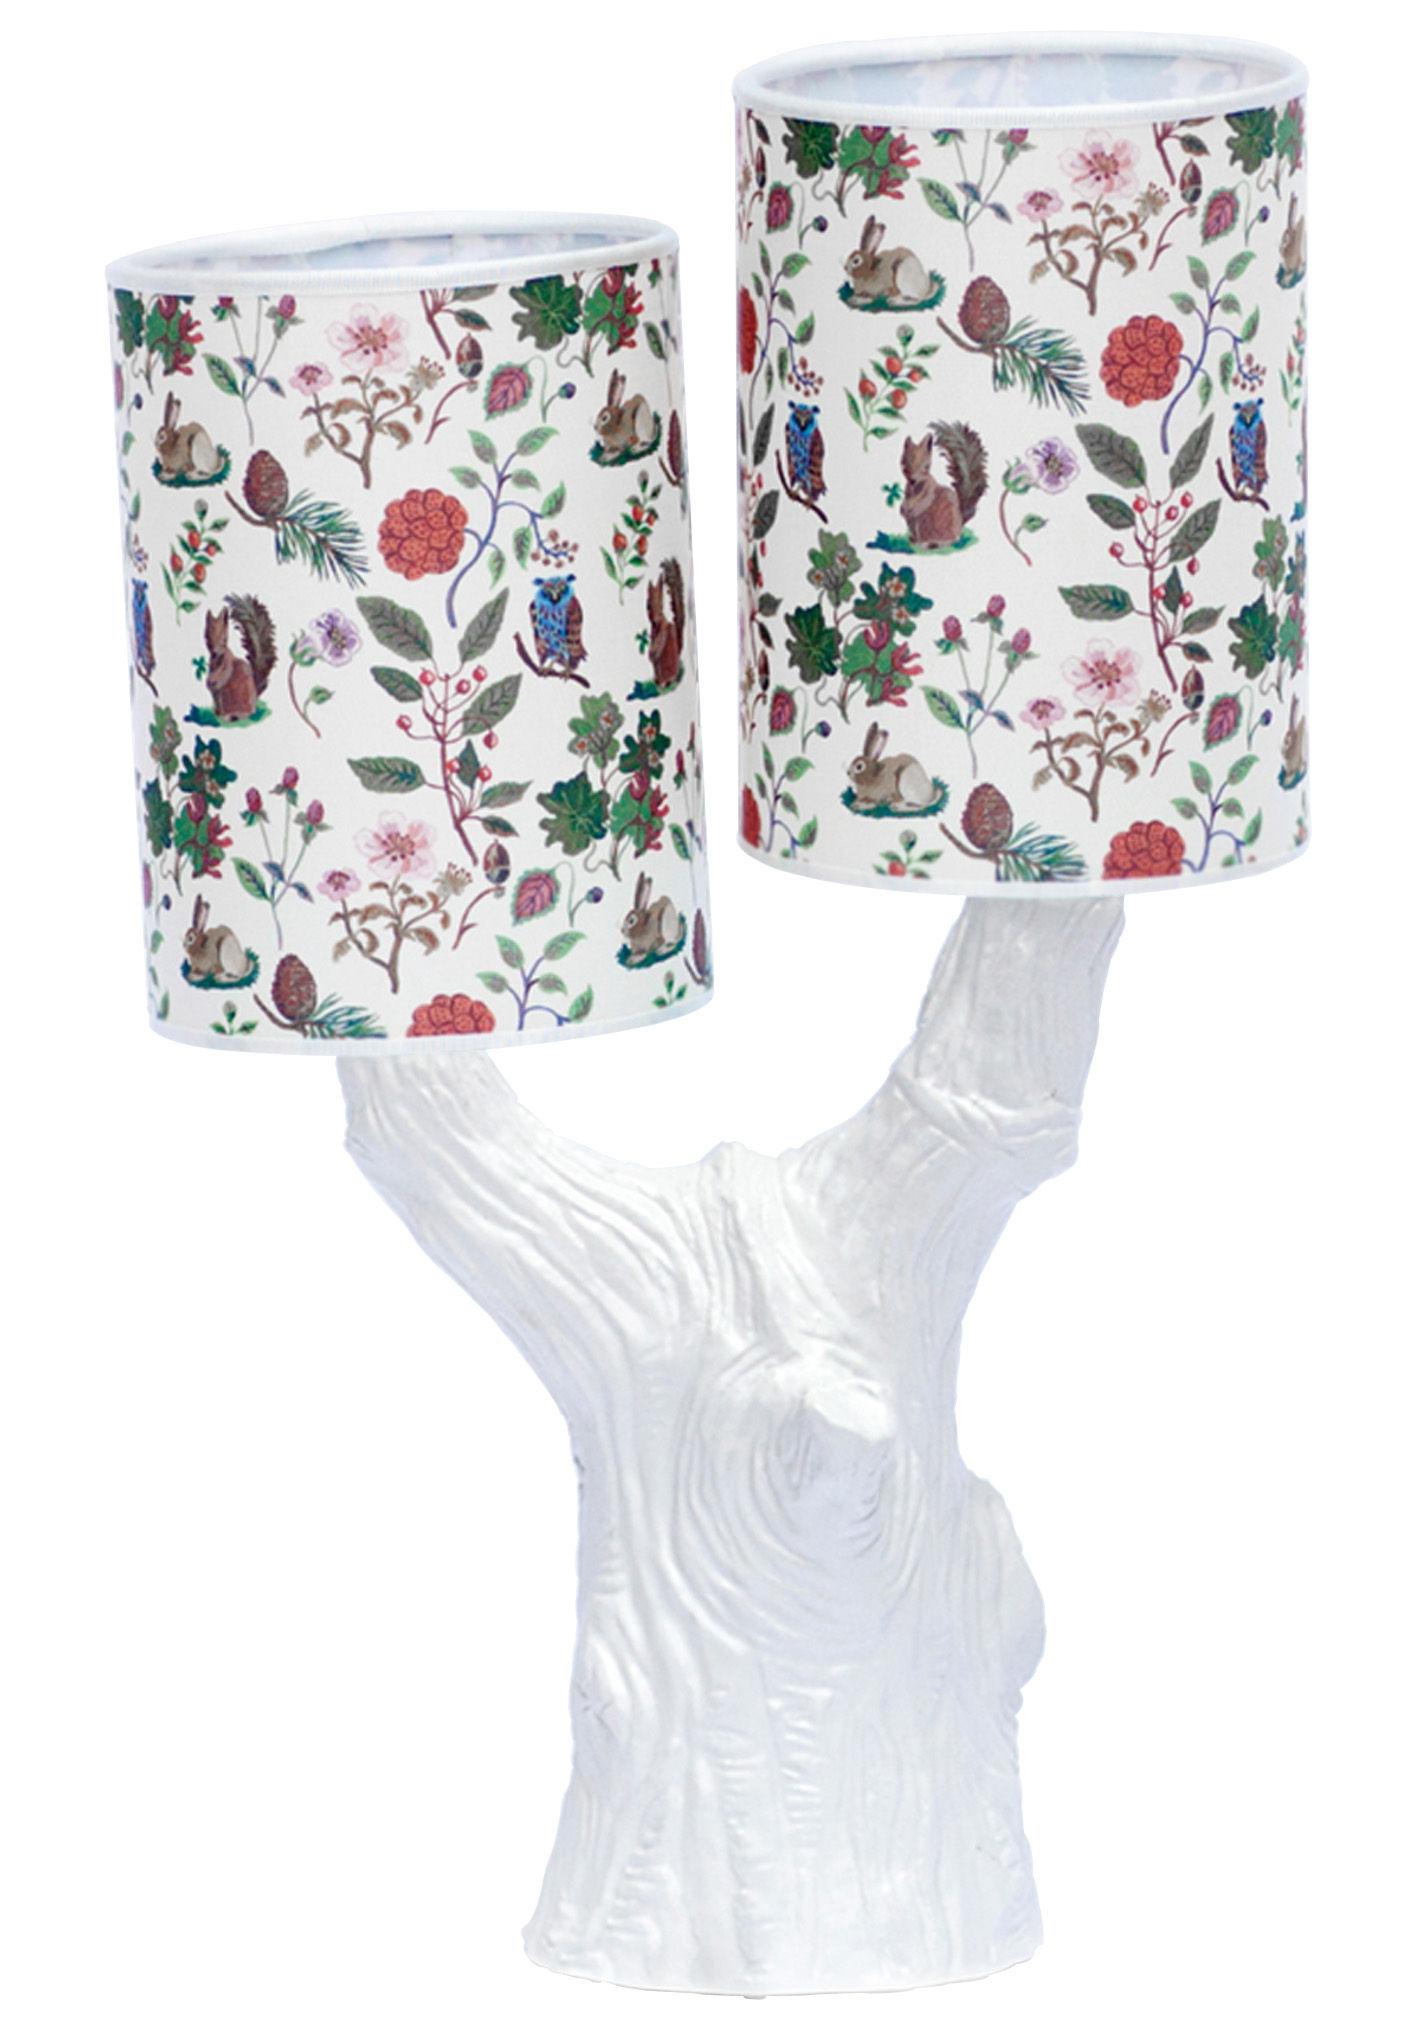 Leuchten - Tischleuchten - Y&M Lampe / mit 2 Lampenschirmen - Domestic - Baumstamm weiß / 2 Lampenschirme mit Herbstmotiven - Coton sérigraphié, emailliertes Terrakotta